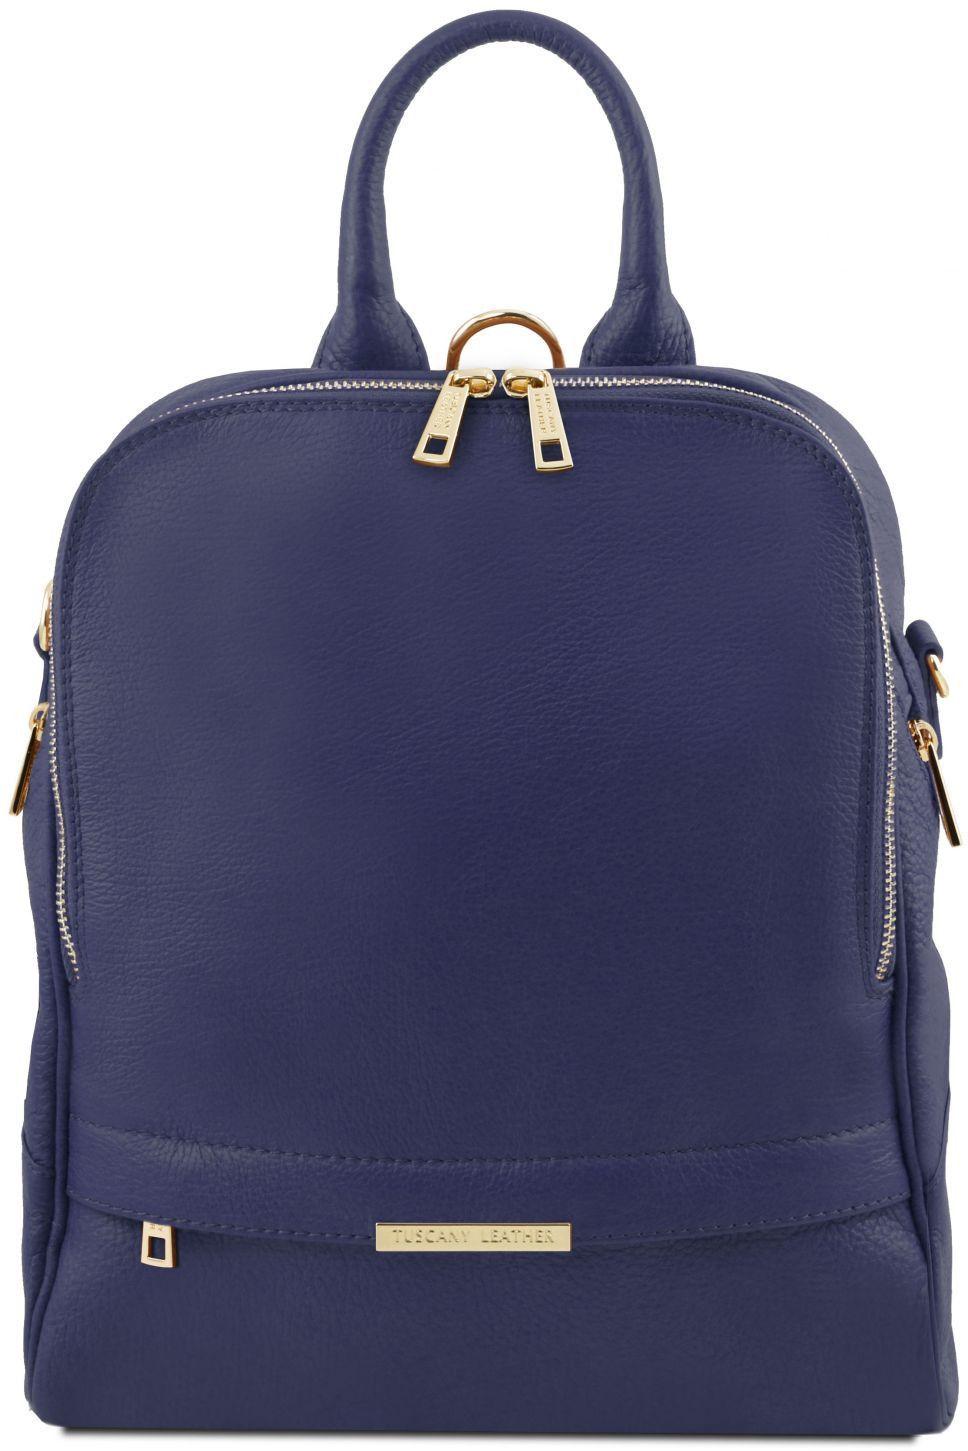 Γυναικεία Τσάντα Πλάτης Δερμάτινη TL141376 Μπλε σκούρο Tuscany Leather γυναίκα   τσάντες πλάτης